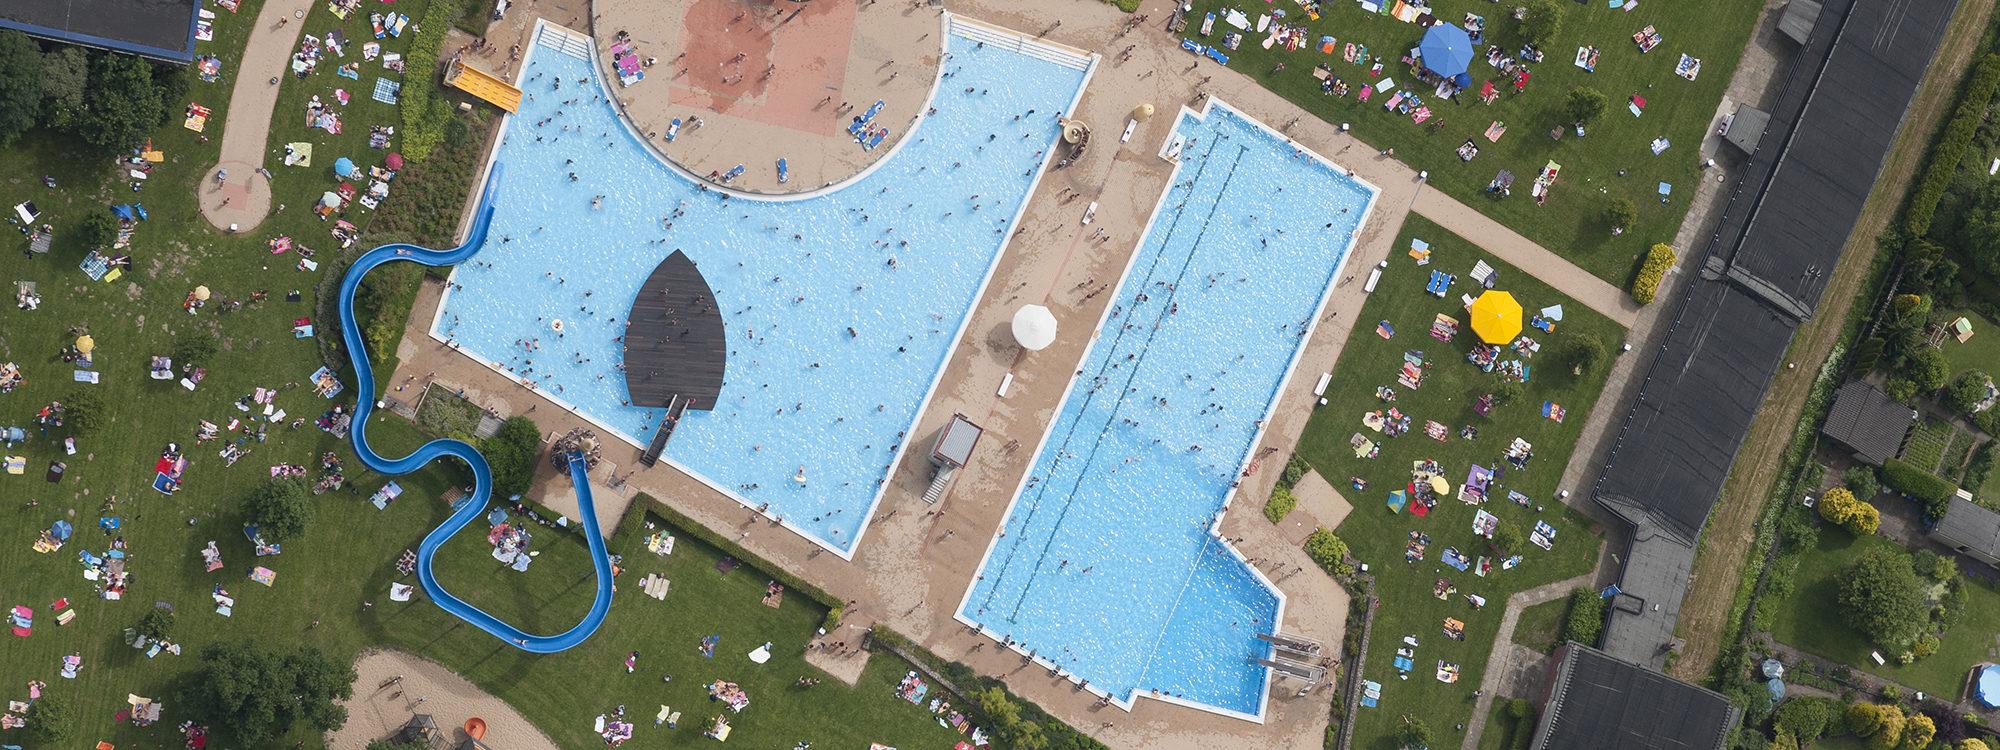 Luftaufnahme Schlosspark Bad Bremen